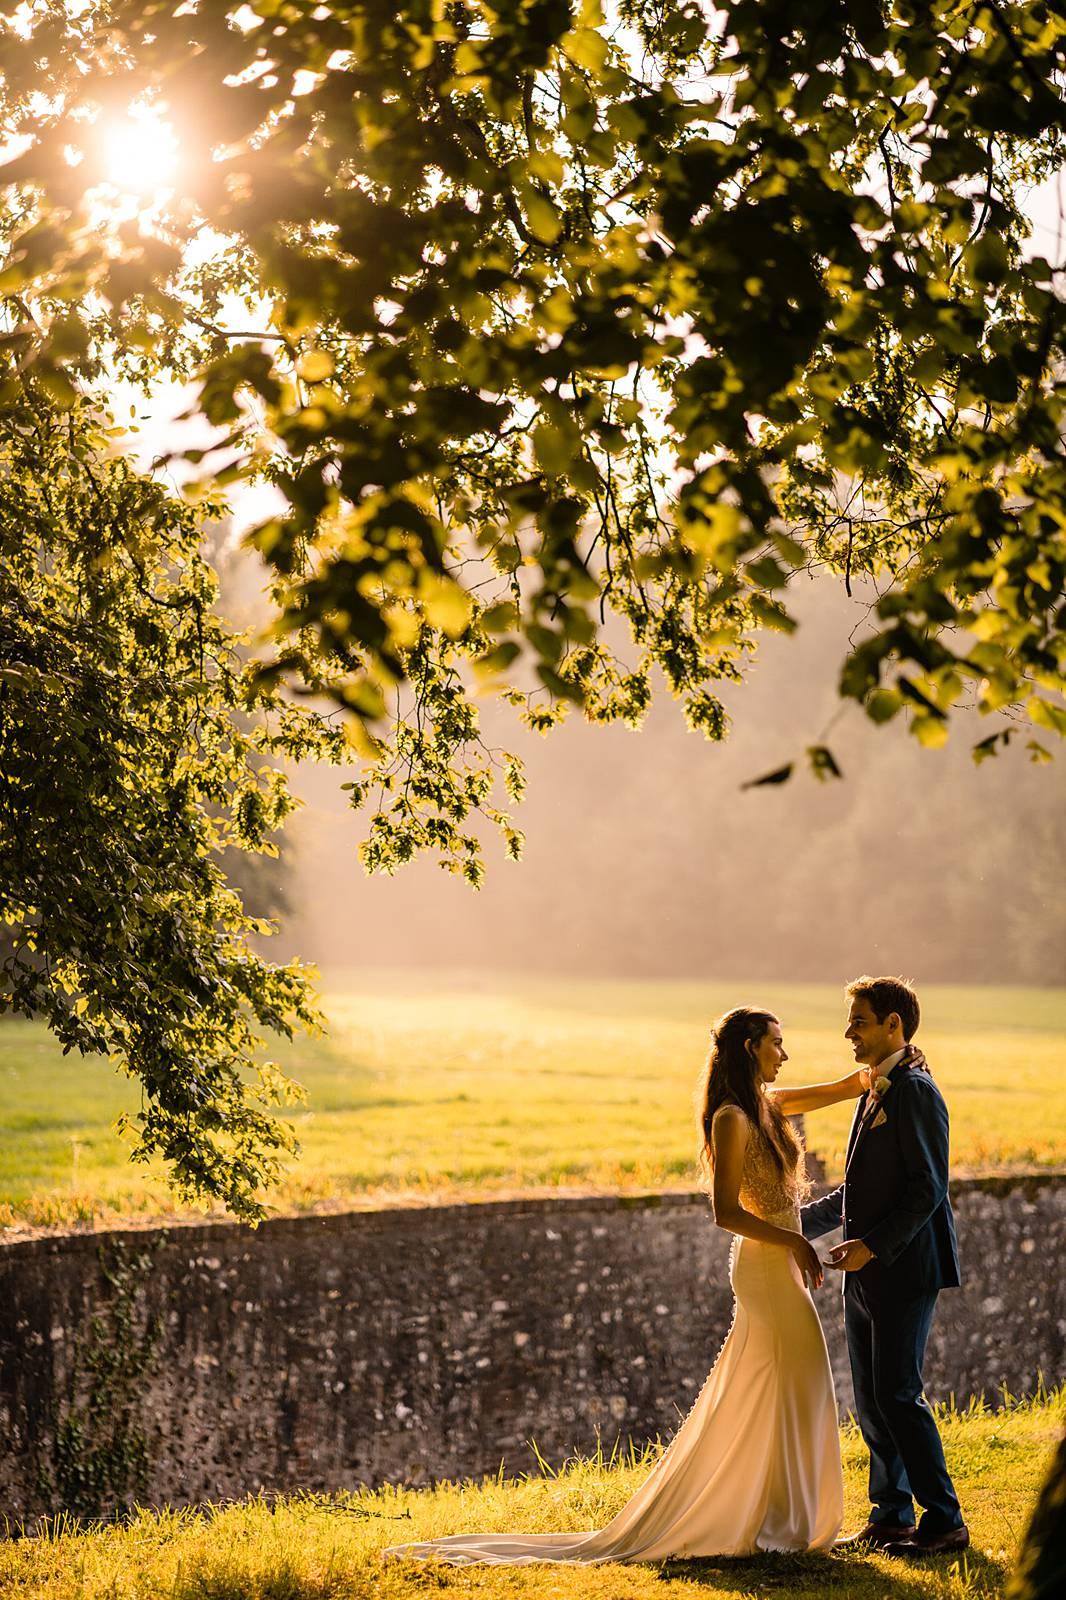 L'aperçu du mariage laïque de Julie et Thomas au Château de Bonnemare en Normandie. Une décoration raffinée et une ambiance folle. Alexandre Roschewitz, photographe mariage au Château de Bonnemare.